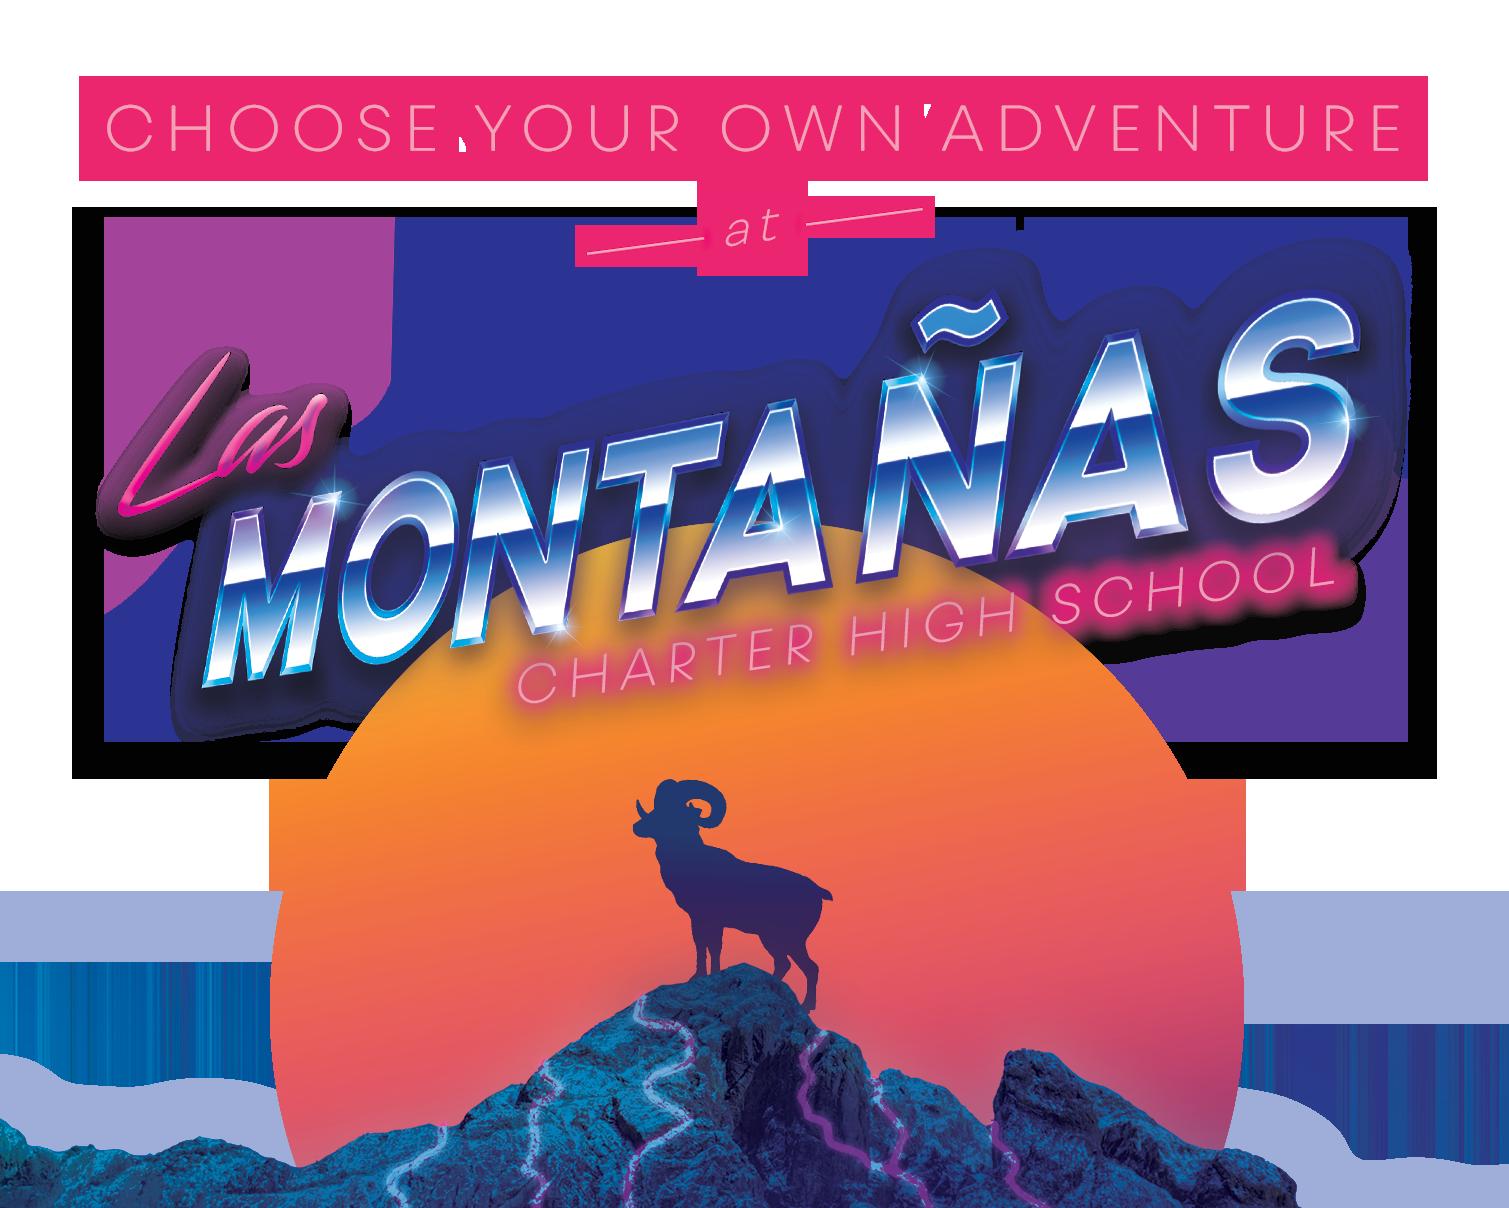 LasMontanas_SM_ChooseYourAdventure